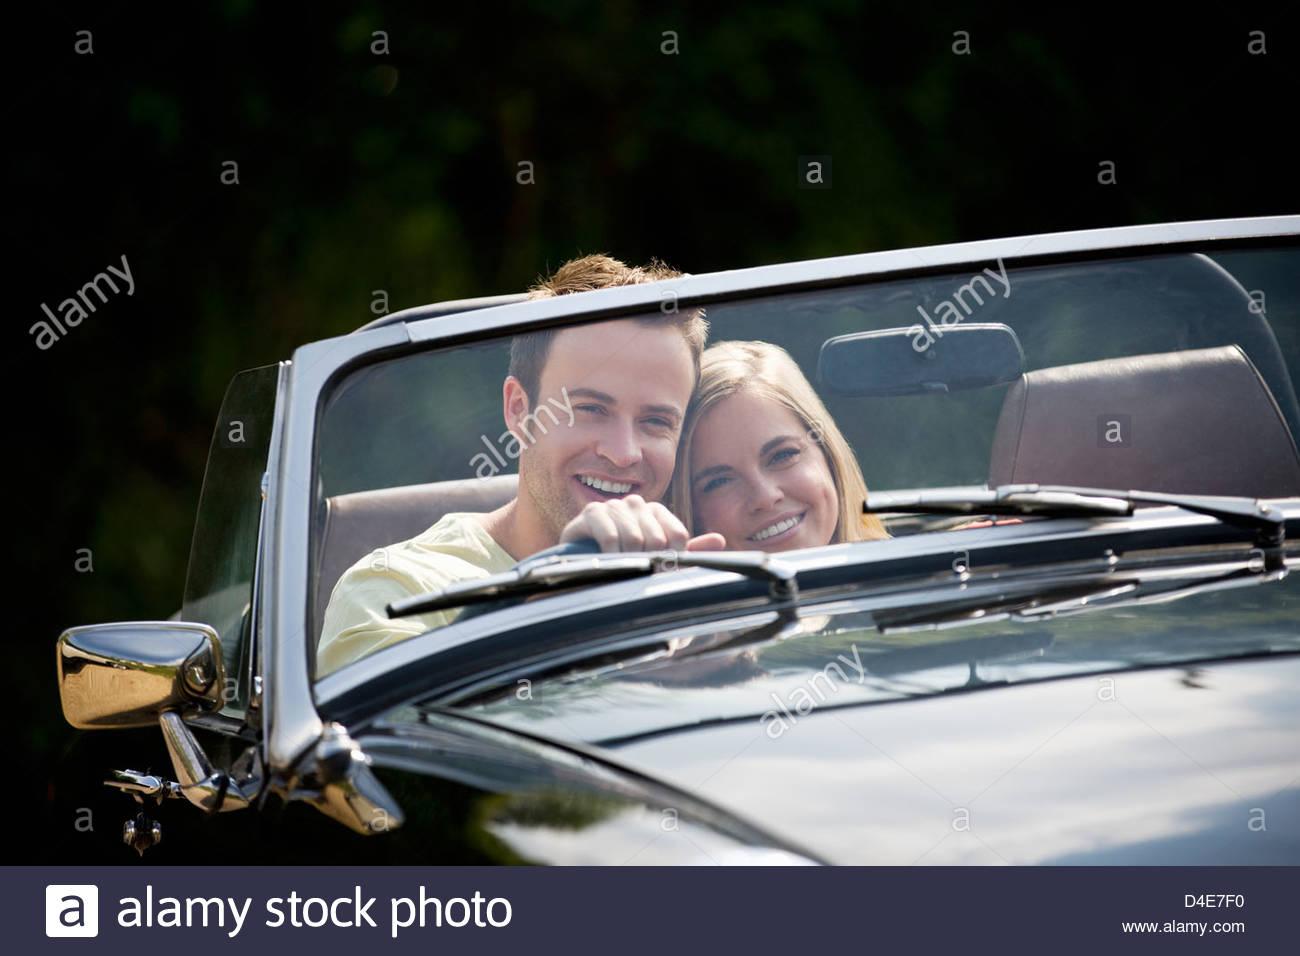 Ein junges Paar ein schwarzer Sportwagen Stockbild